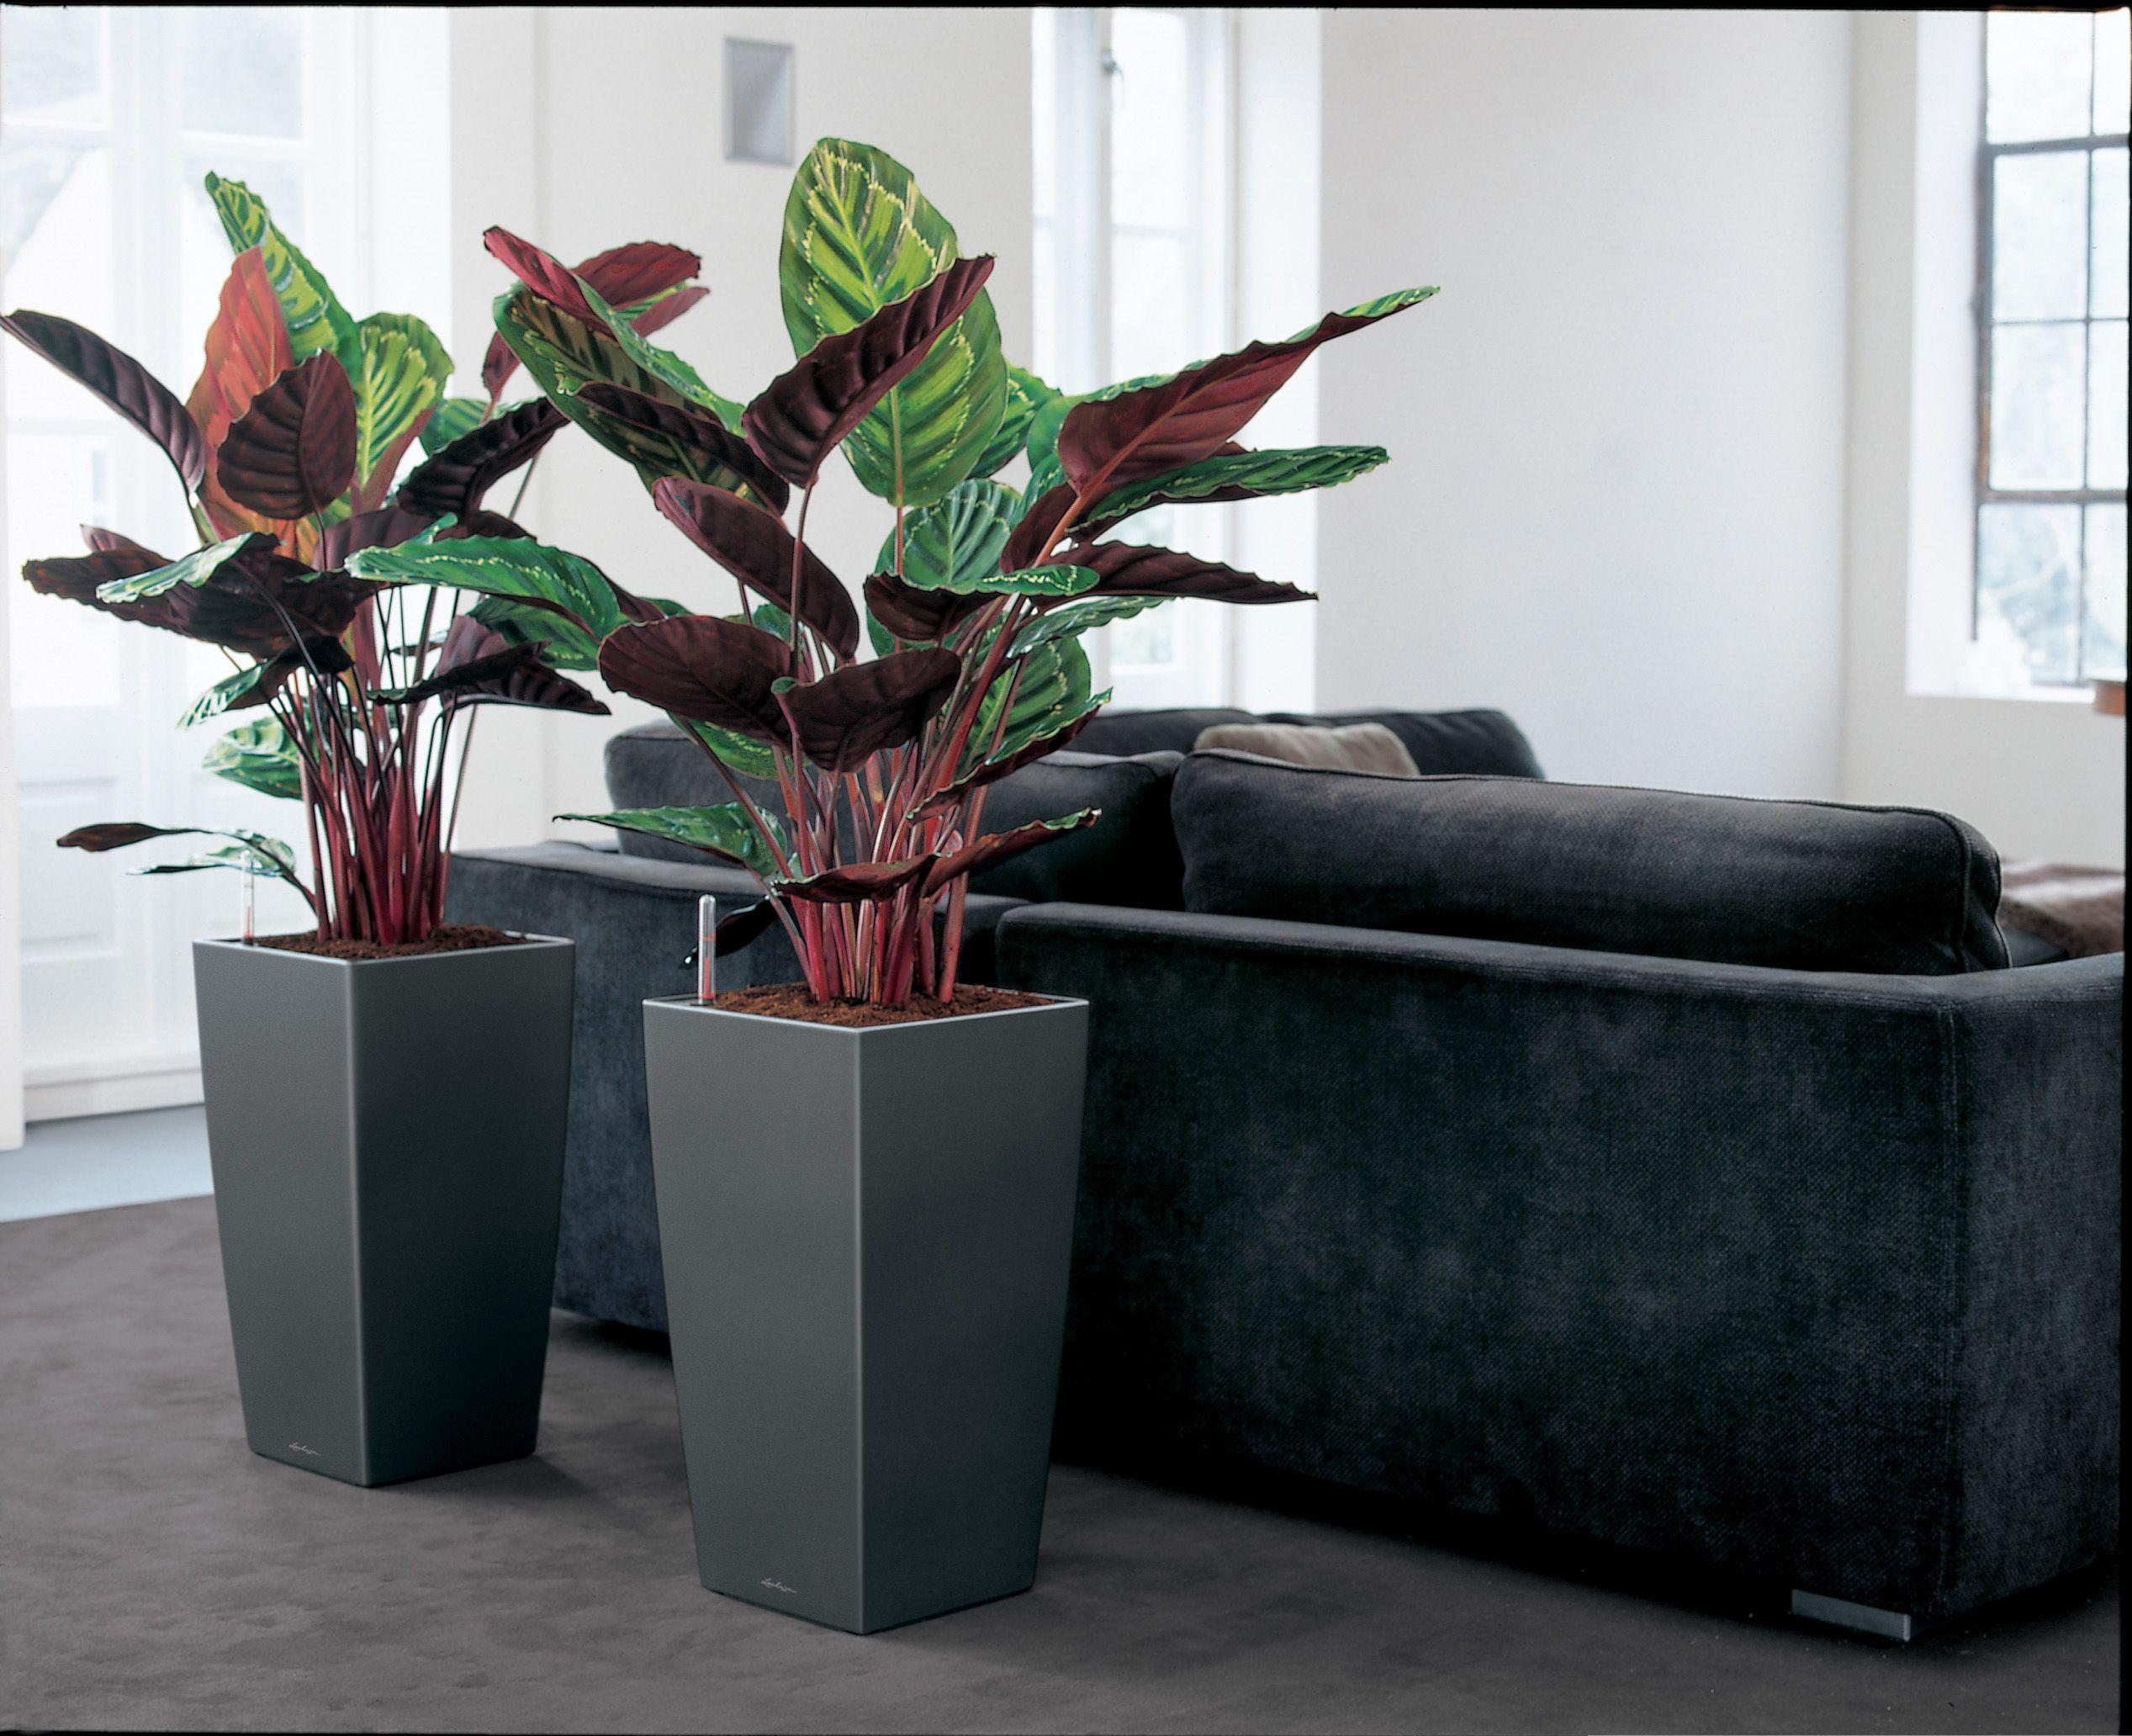 Un calathea dans un pot lechuza plantes vertes xxl for Pot plante interieur